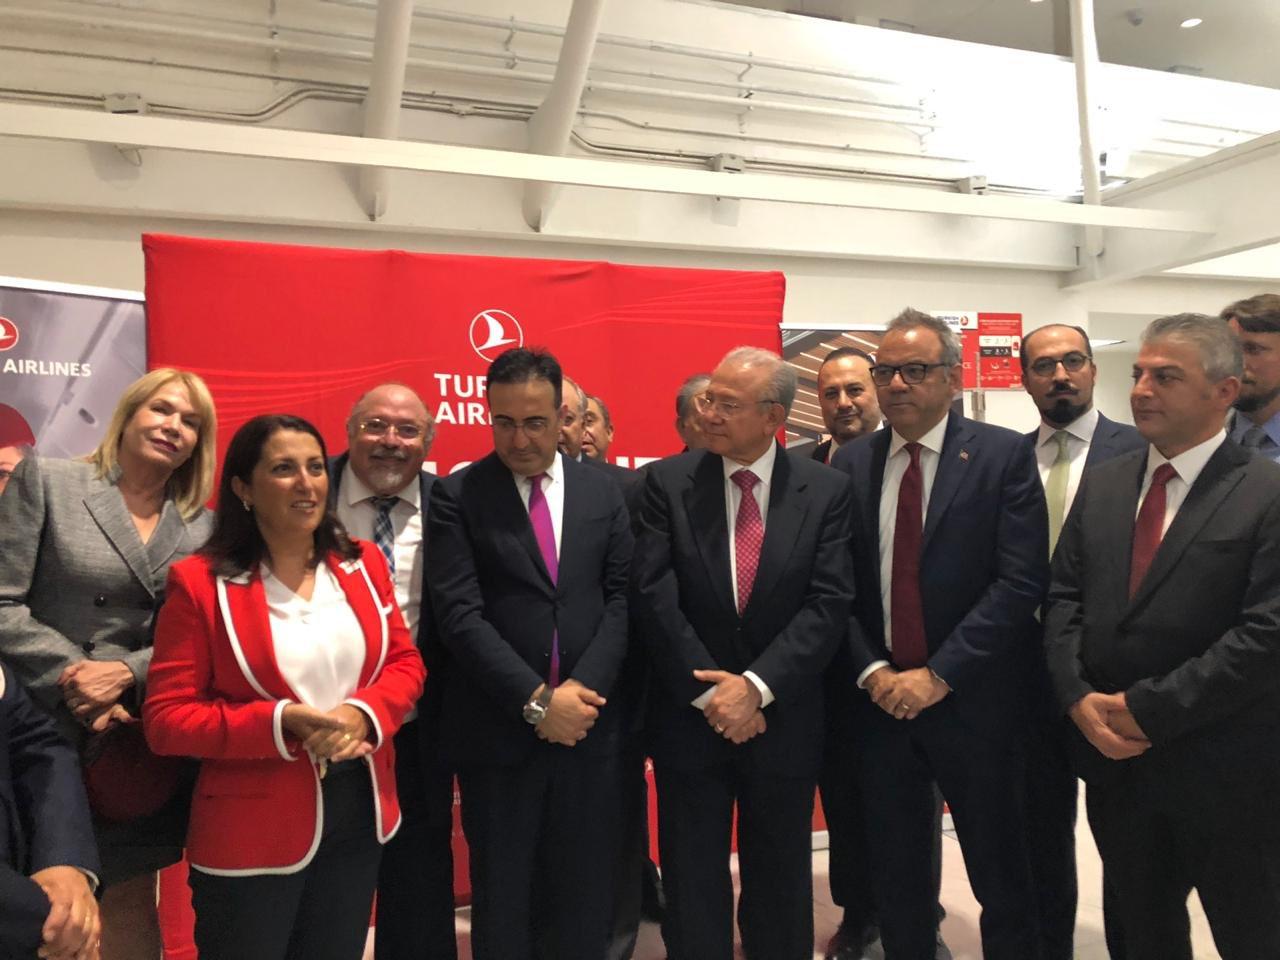 TURKISH-AIRLINES-NUEVO-VUELO-CDMX-2